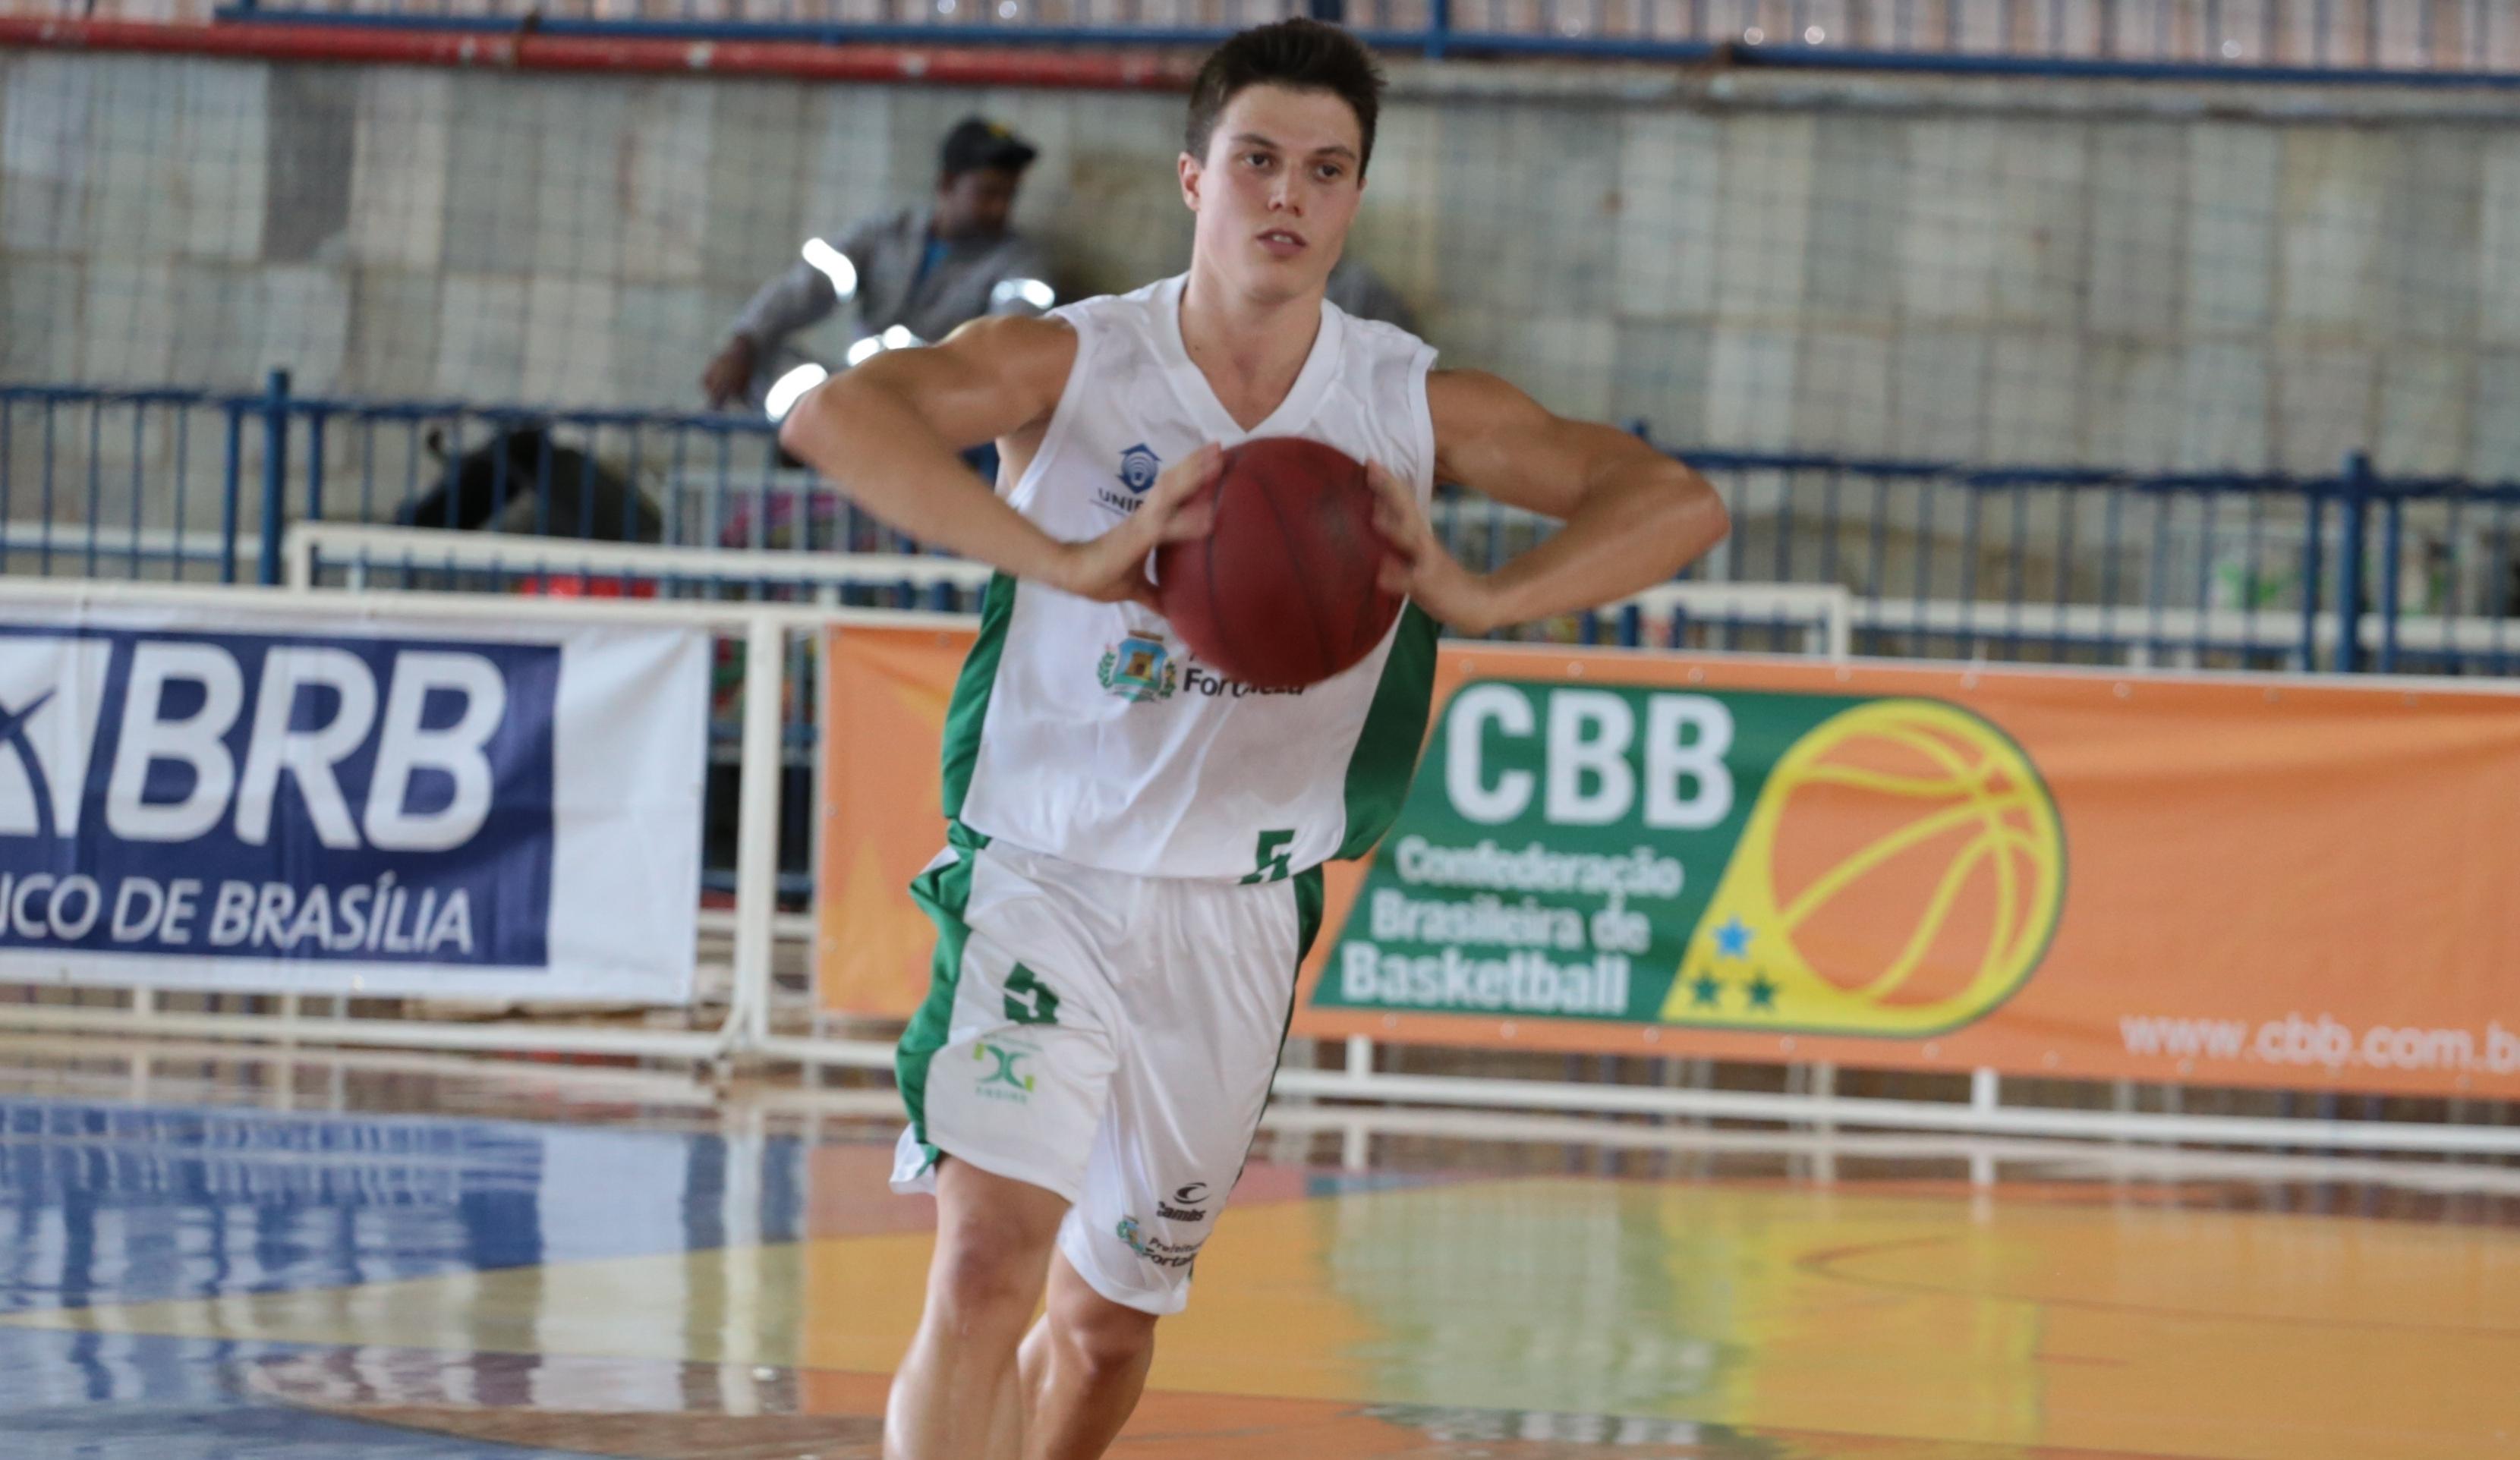 Voltando de lesão, Davi teve um grande desempenho e comandou a vitória cearense (Raphael Oliveira/LNB)